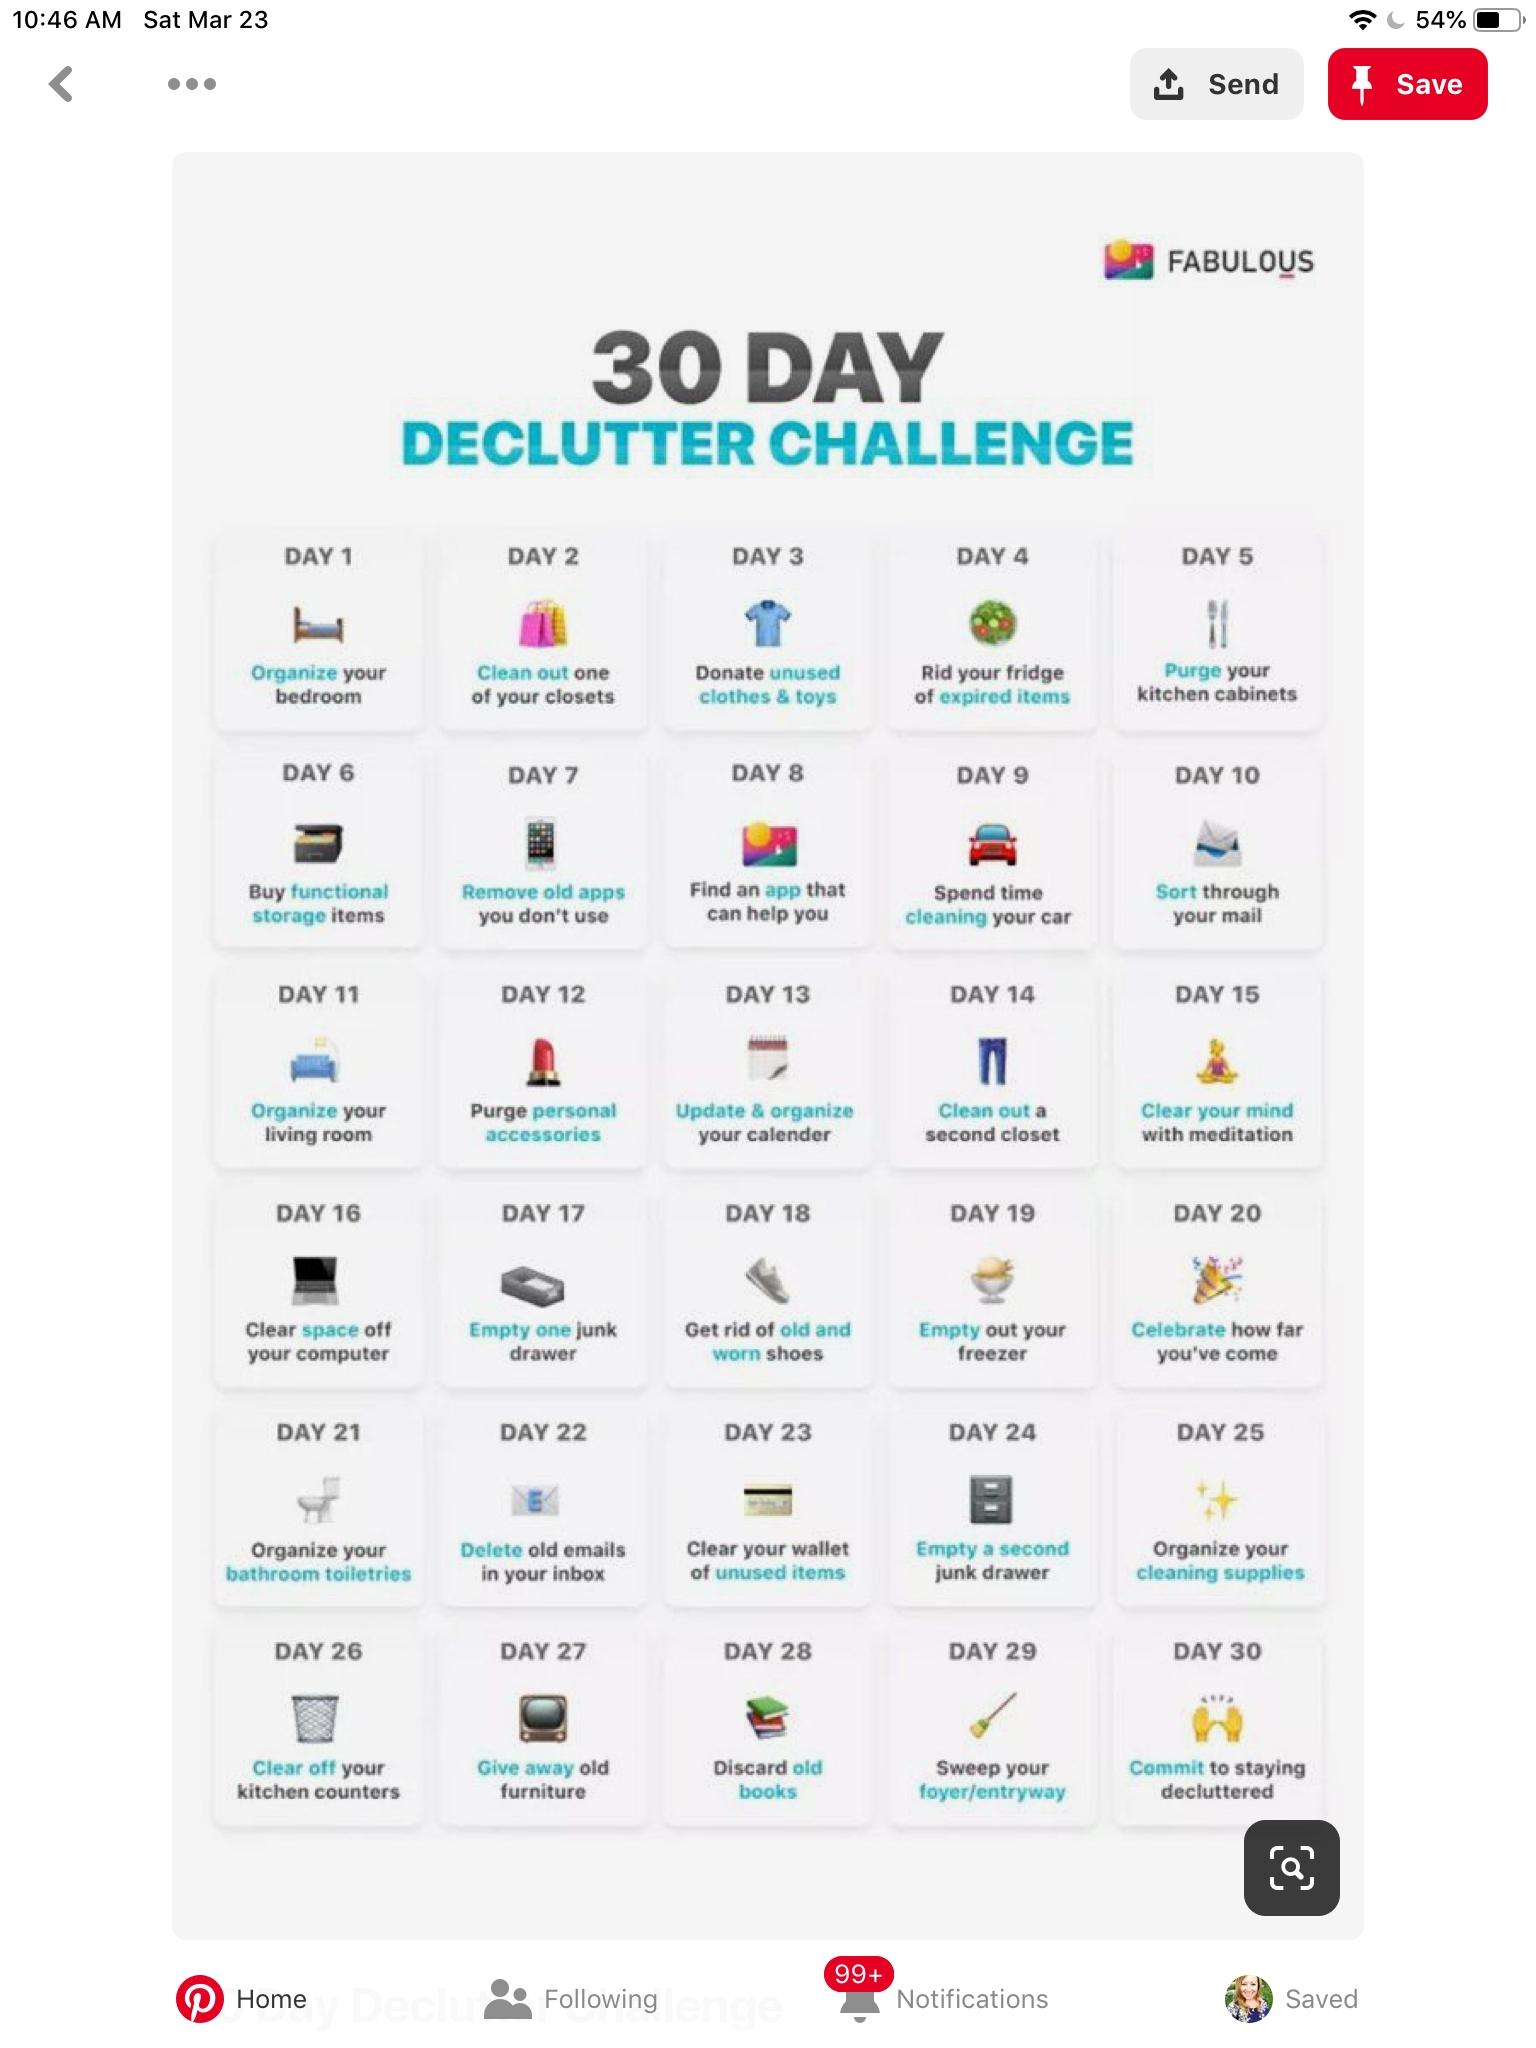 30 Day Declutter Challenge Calendar | Declutter My World within 30 Day Declutter Challenge Calendar